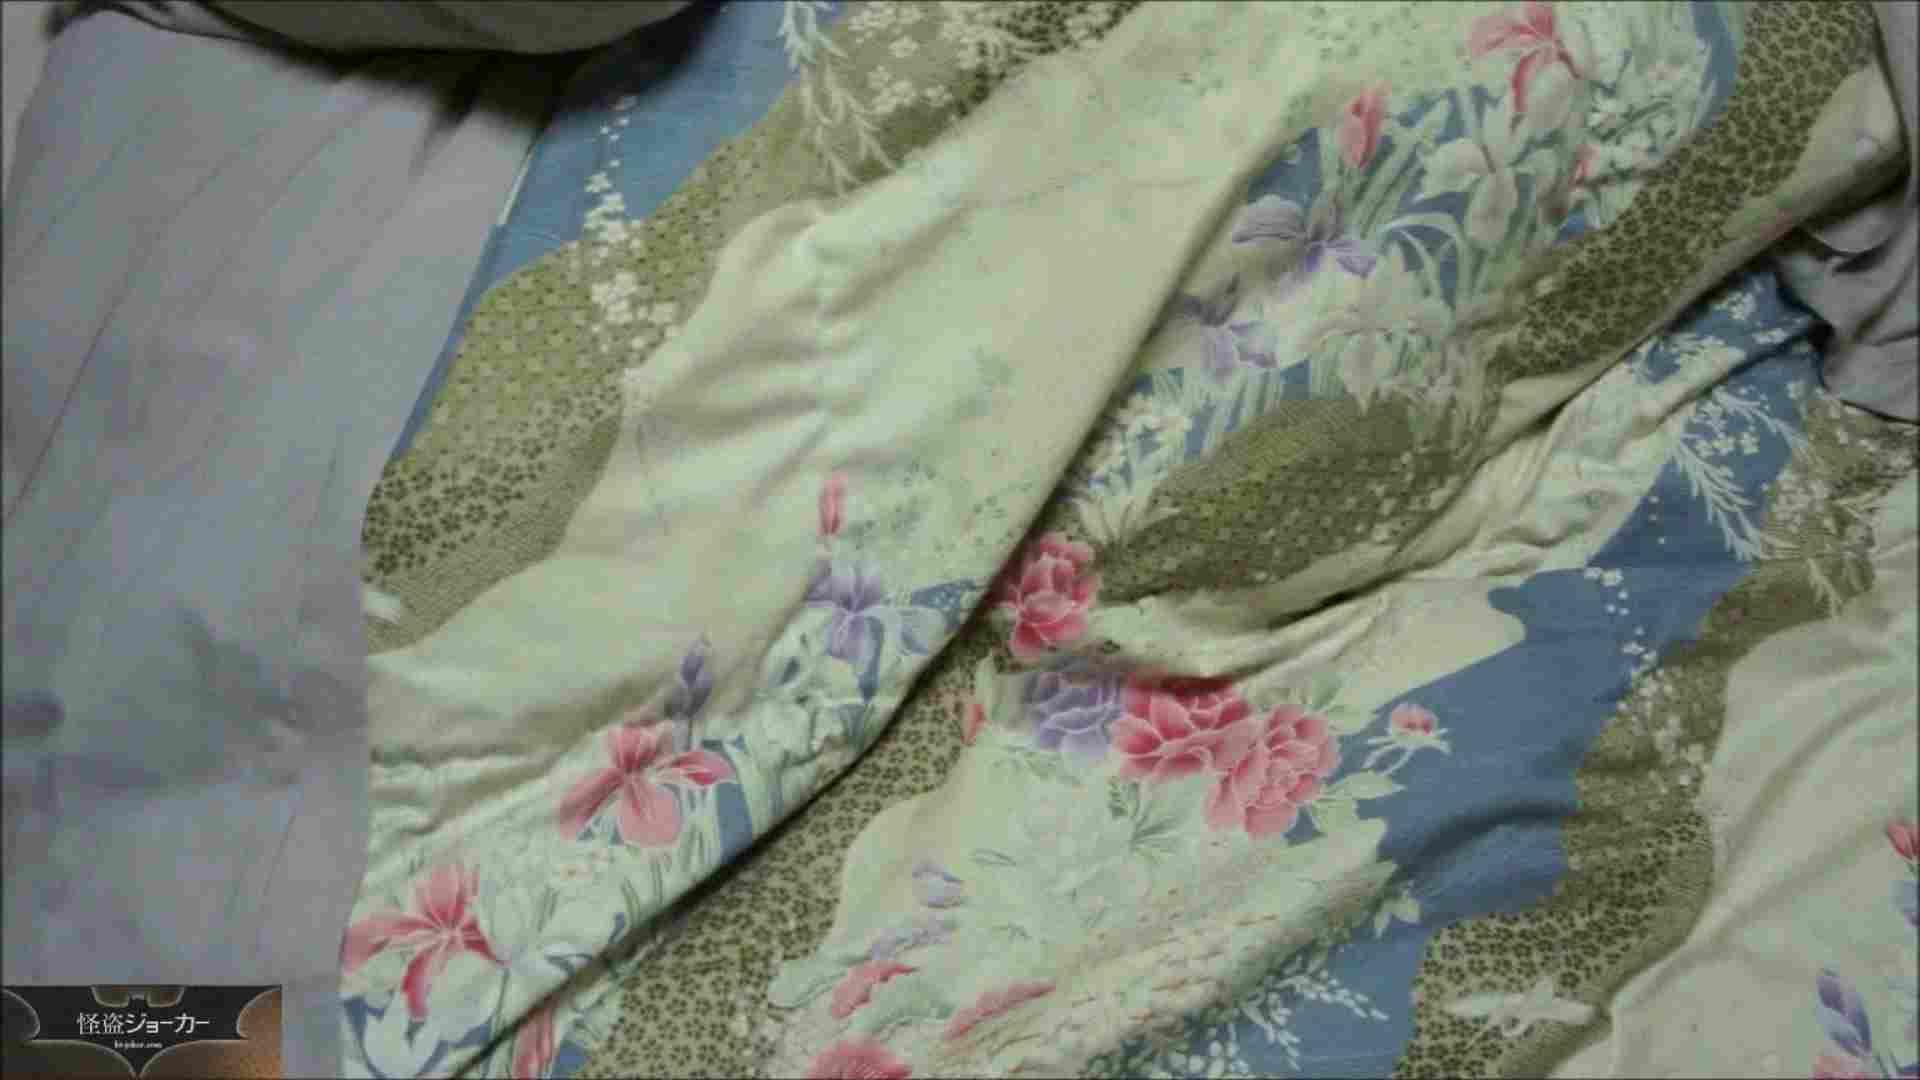 【未公開】vol.28 【前編】旅先で寝乱れ・・・小春。 浴衣  80pic 27